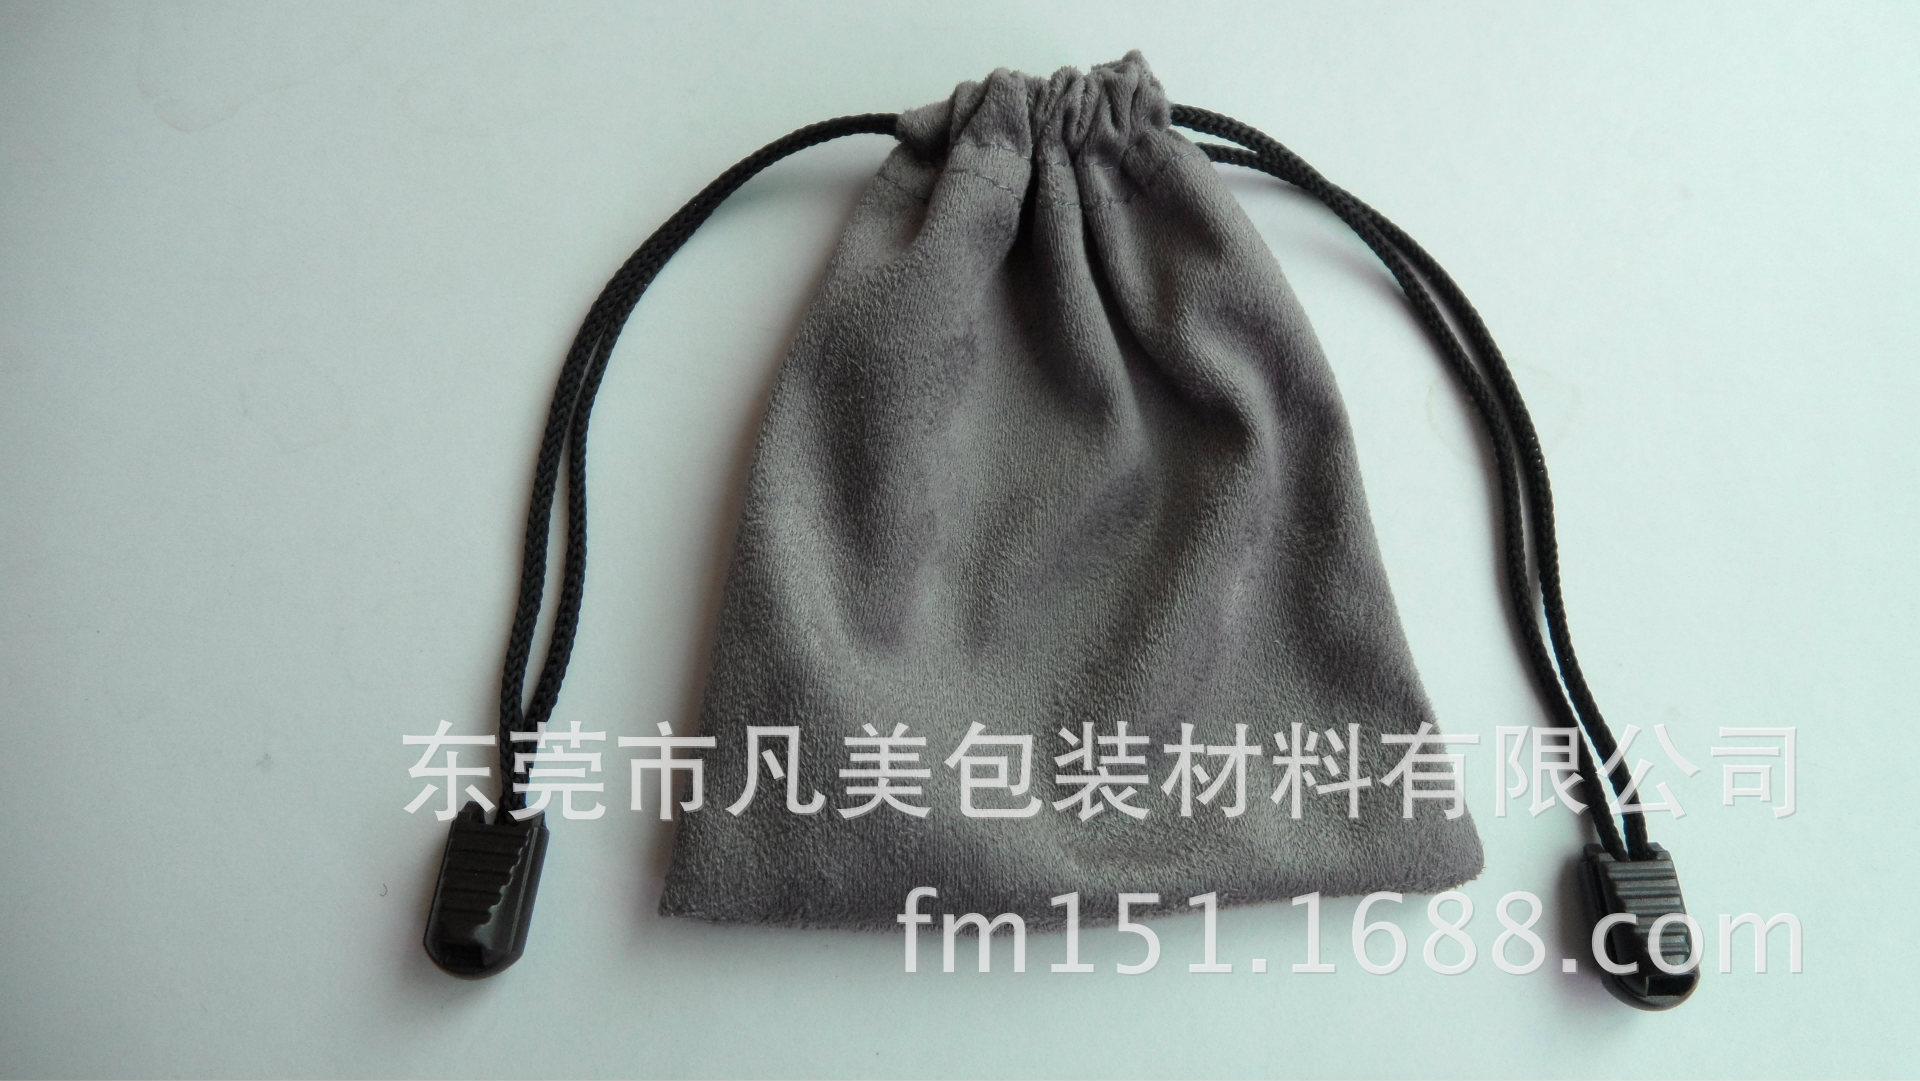 供应高档饰品多款多样装首饰袋 柔软绒布袋